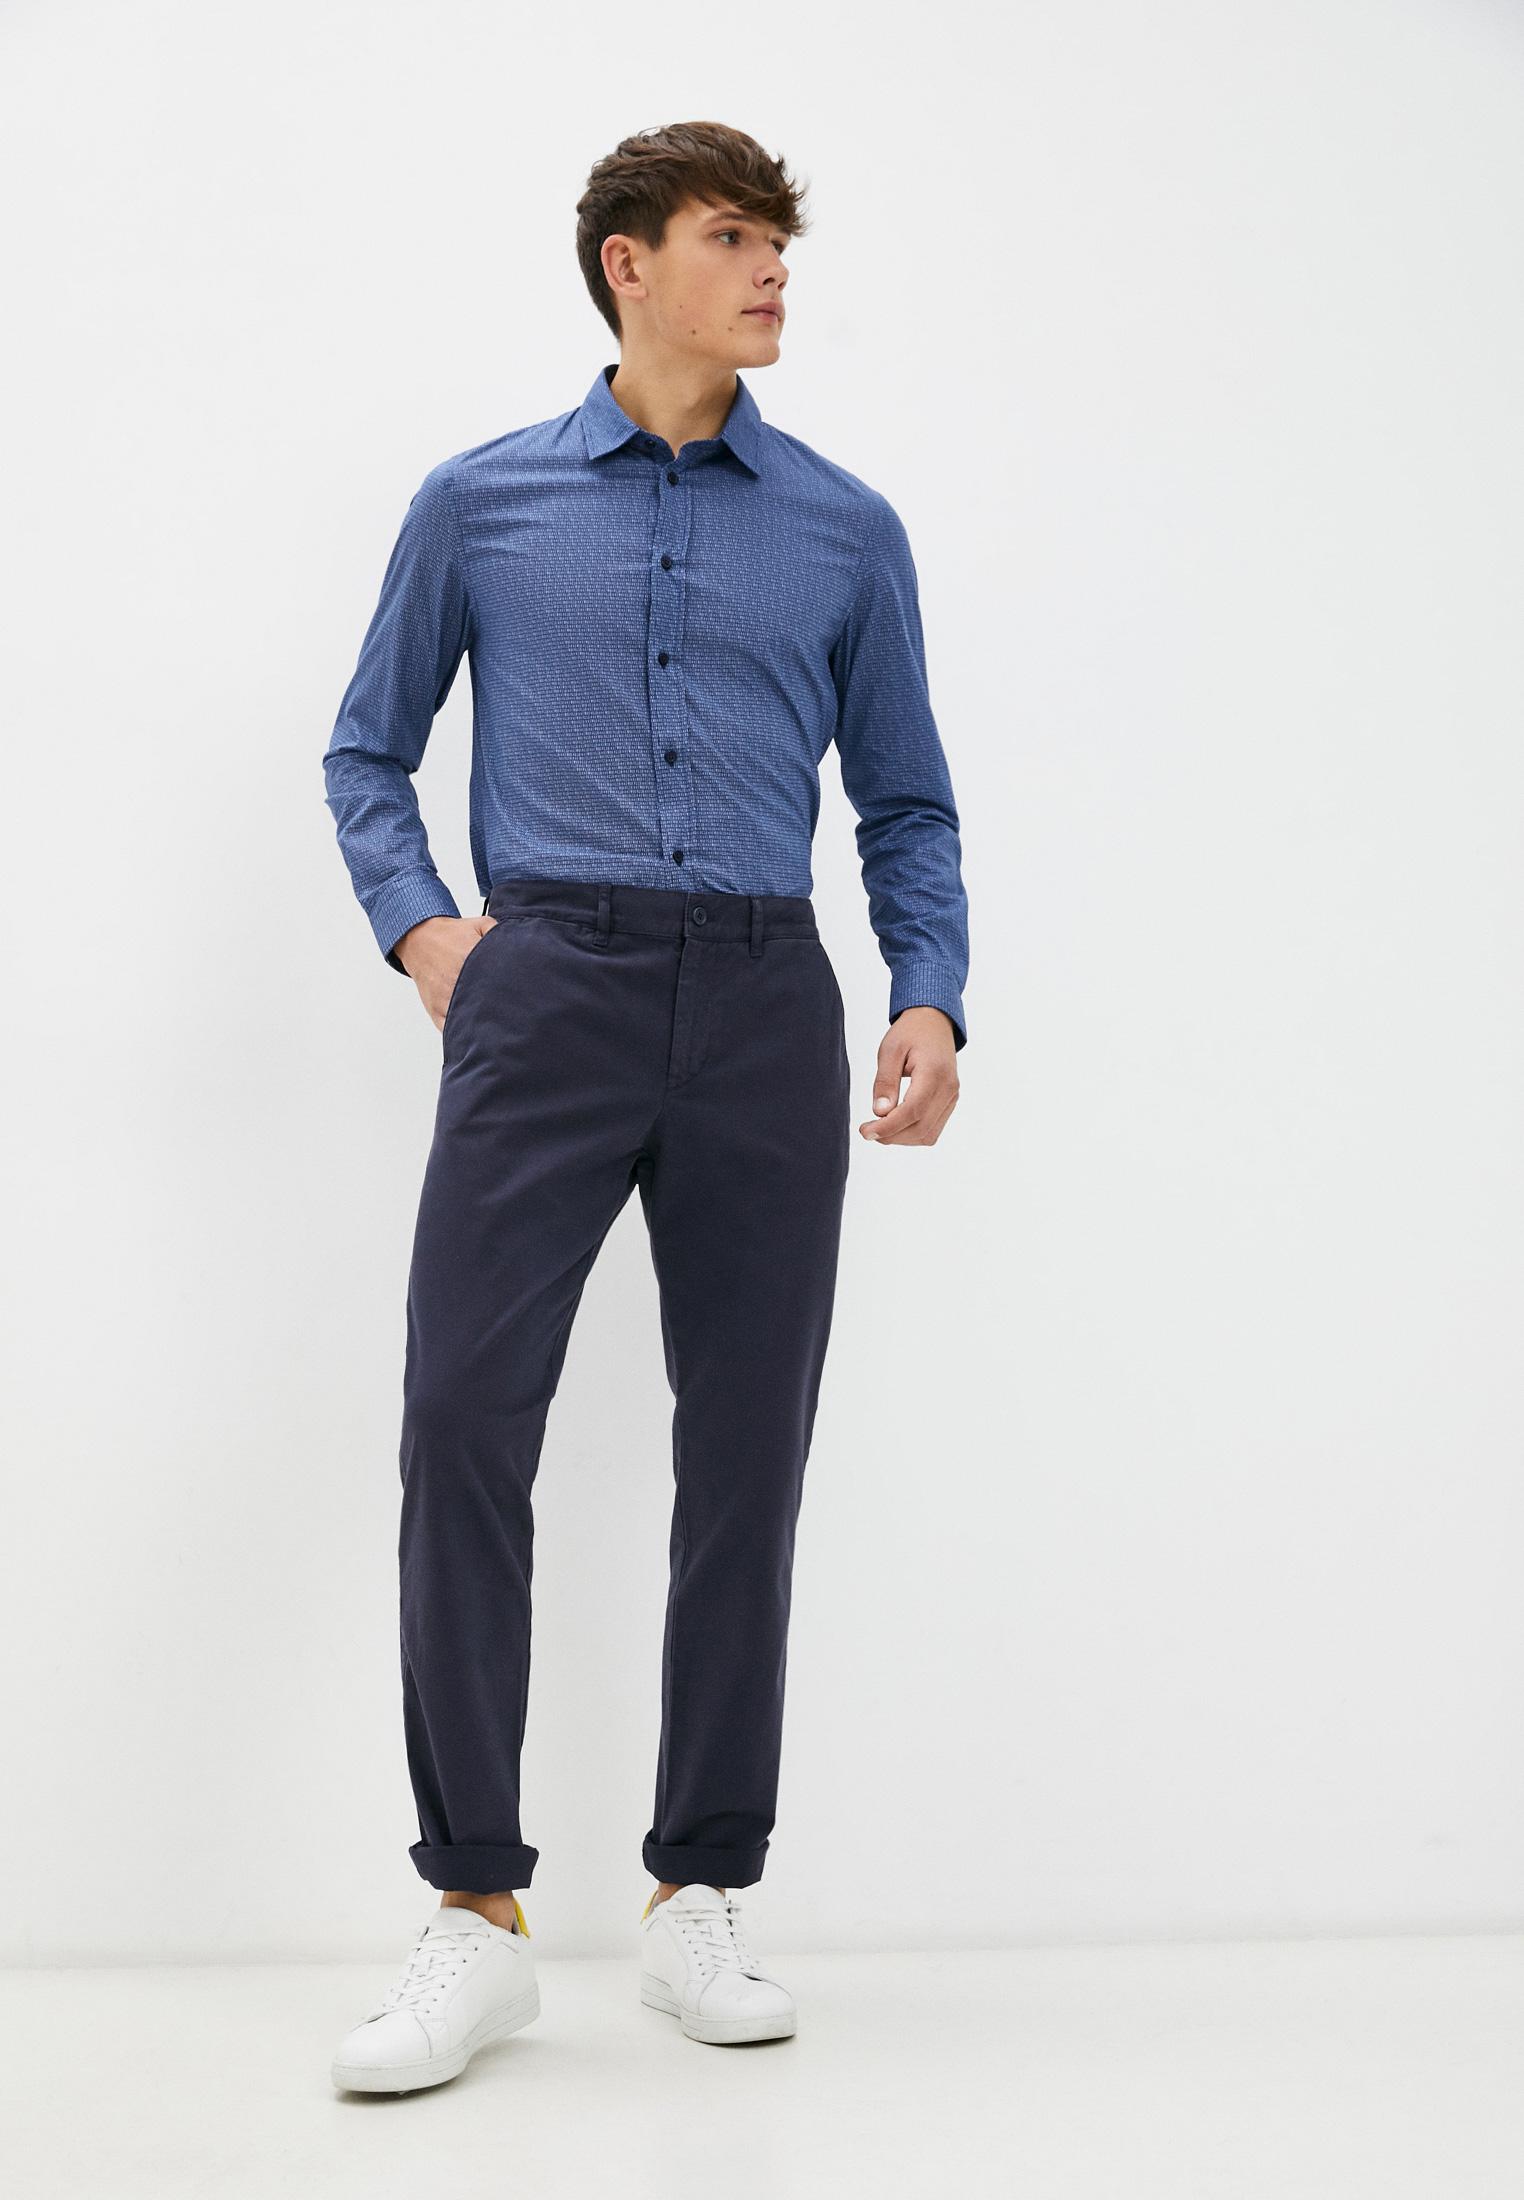 Мужские повседневные брюки Bikkembergs (Биккембергс) C P 001 04 S 3279: изображение 3